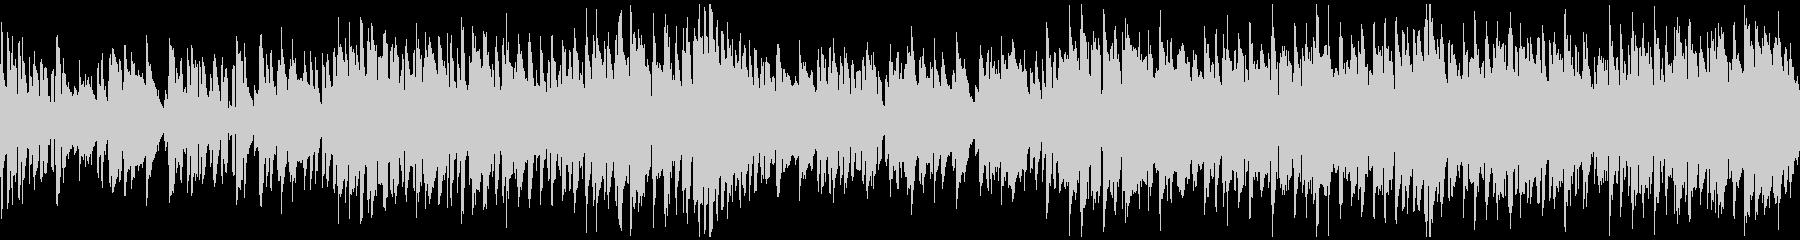 脱力系リコーダーのコメディ劇伴※ループ版の未再生の波形